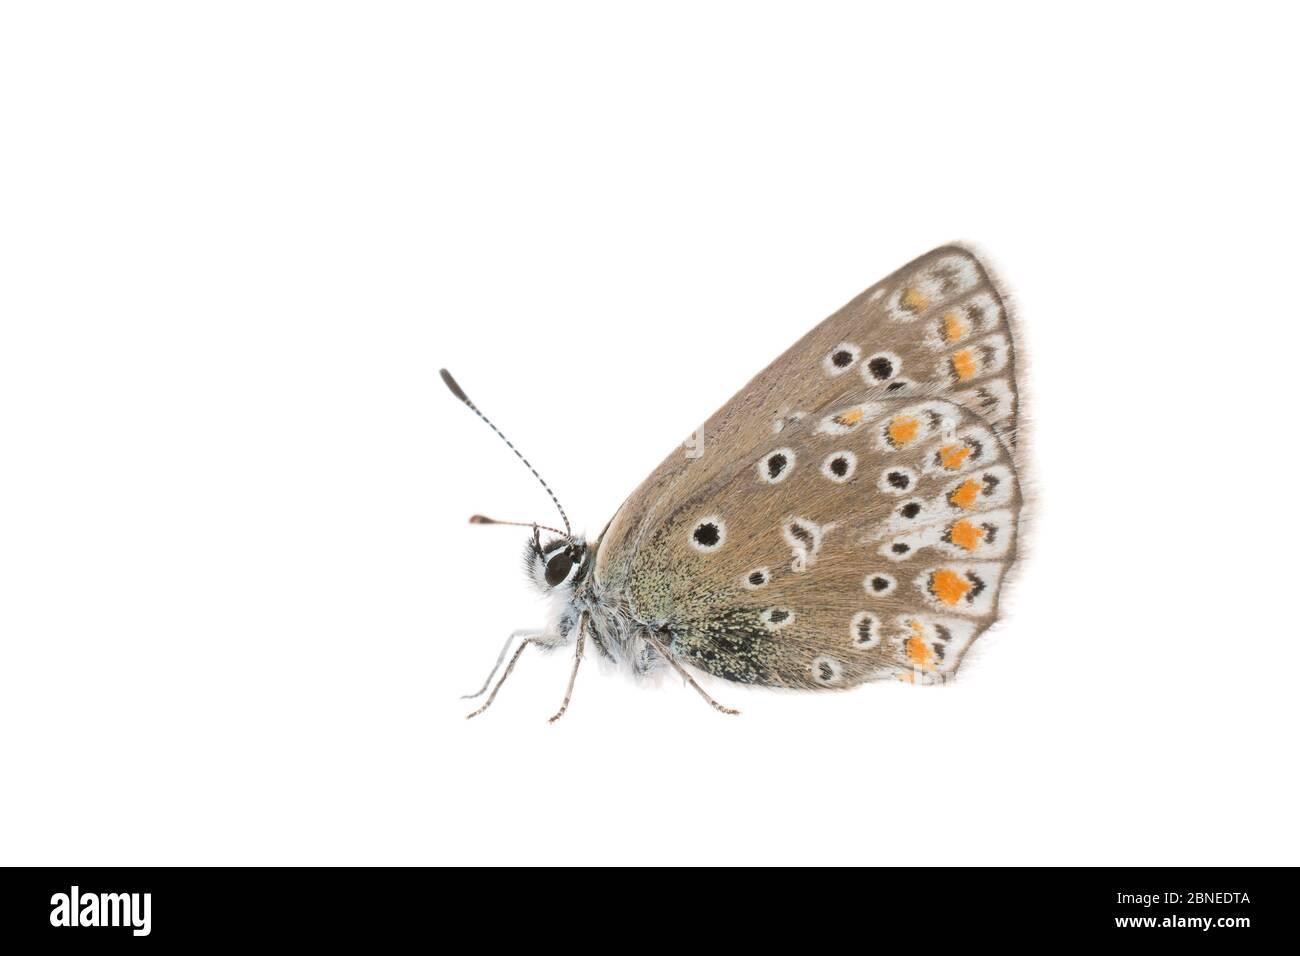 Mariposa azul común (Polyommatus icarus) hembra, Francia, mayo, Meetyourneighbors.net proyecto Foto de stock